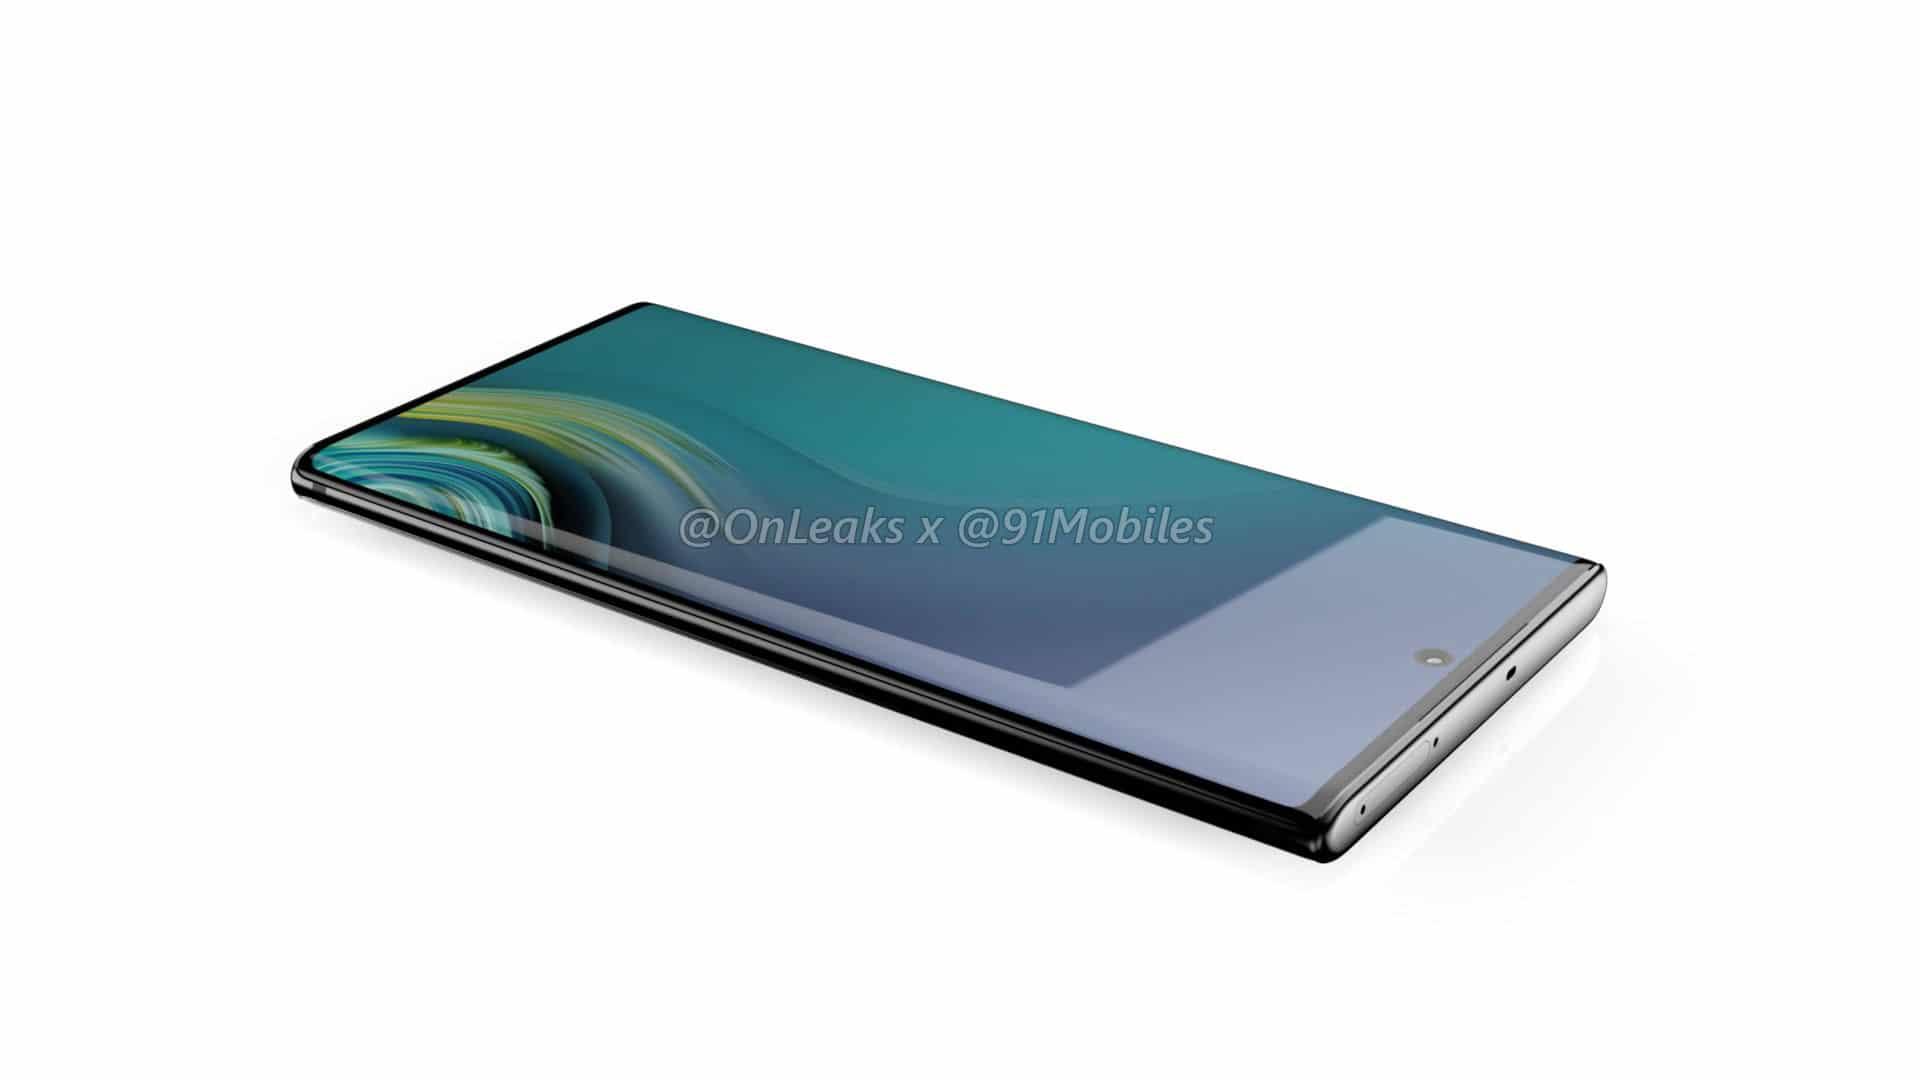 หลุดข้อมูล Samsung Galaxy Note 10 ย้ายกล้องหลังไว้ด้านข้าง แล้วย้ายกล้องหน้ามาตรงกลาง 6